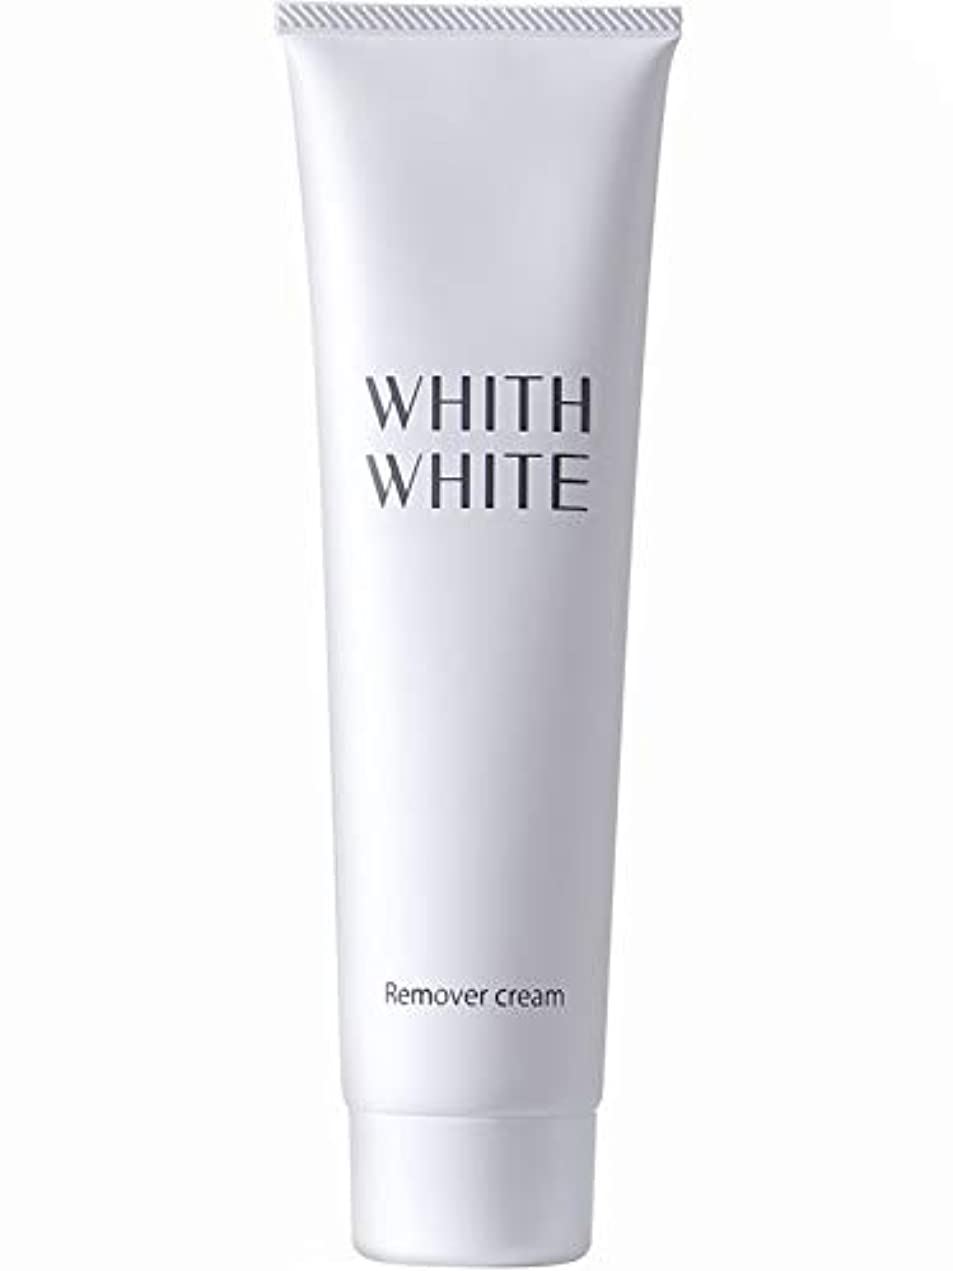 マサッチョ単に印をつける【医薬部外品】 WHITH WHITE(フィス ホワイト) 除毛クリーム 150g 陰部 使用可能